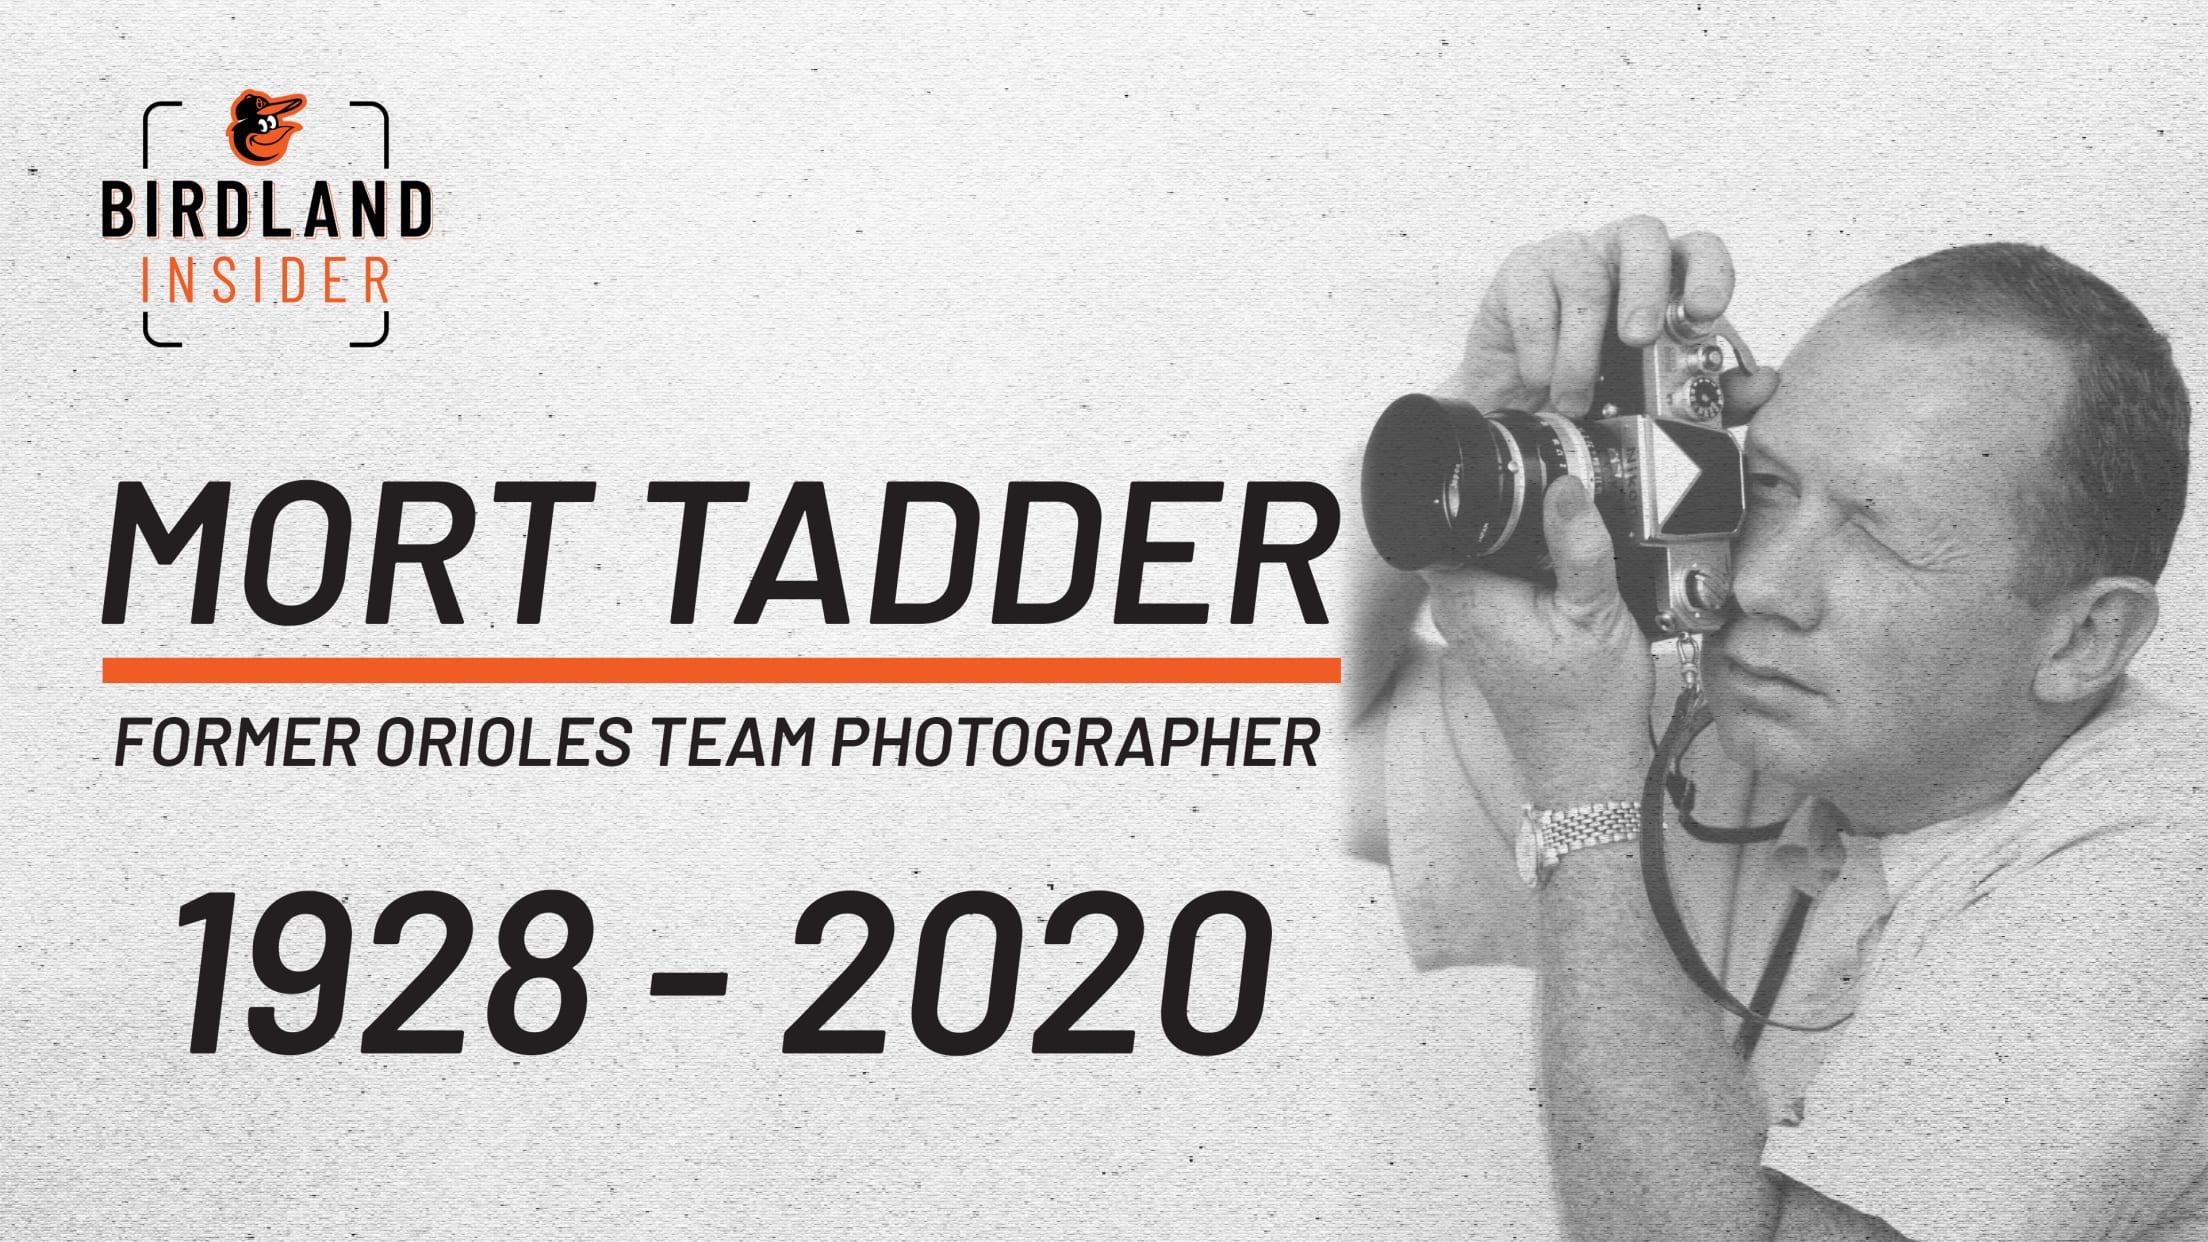 bal-image-header-birdland-insider-insider-Mort-Tadder